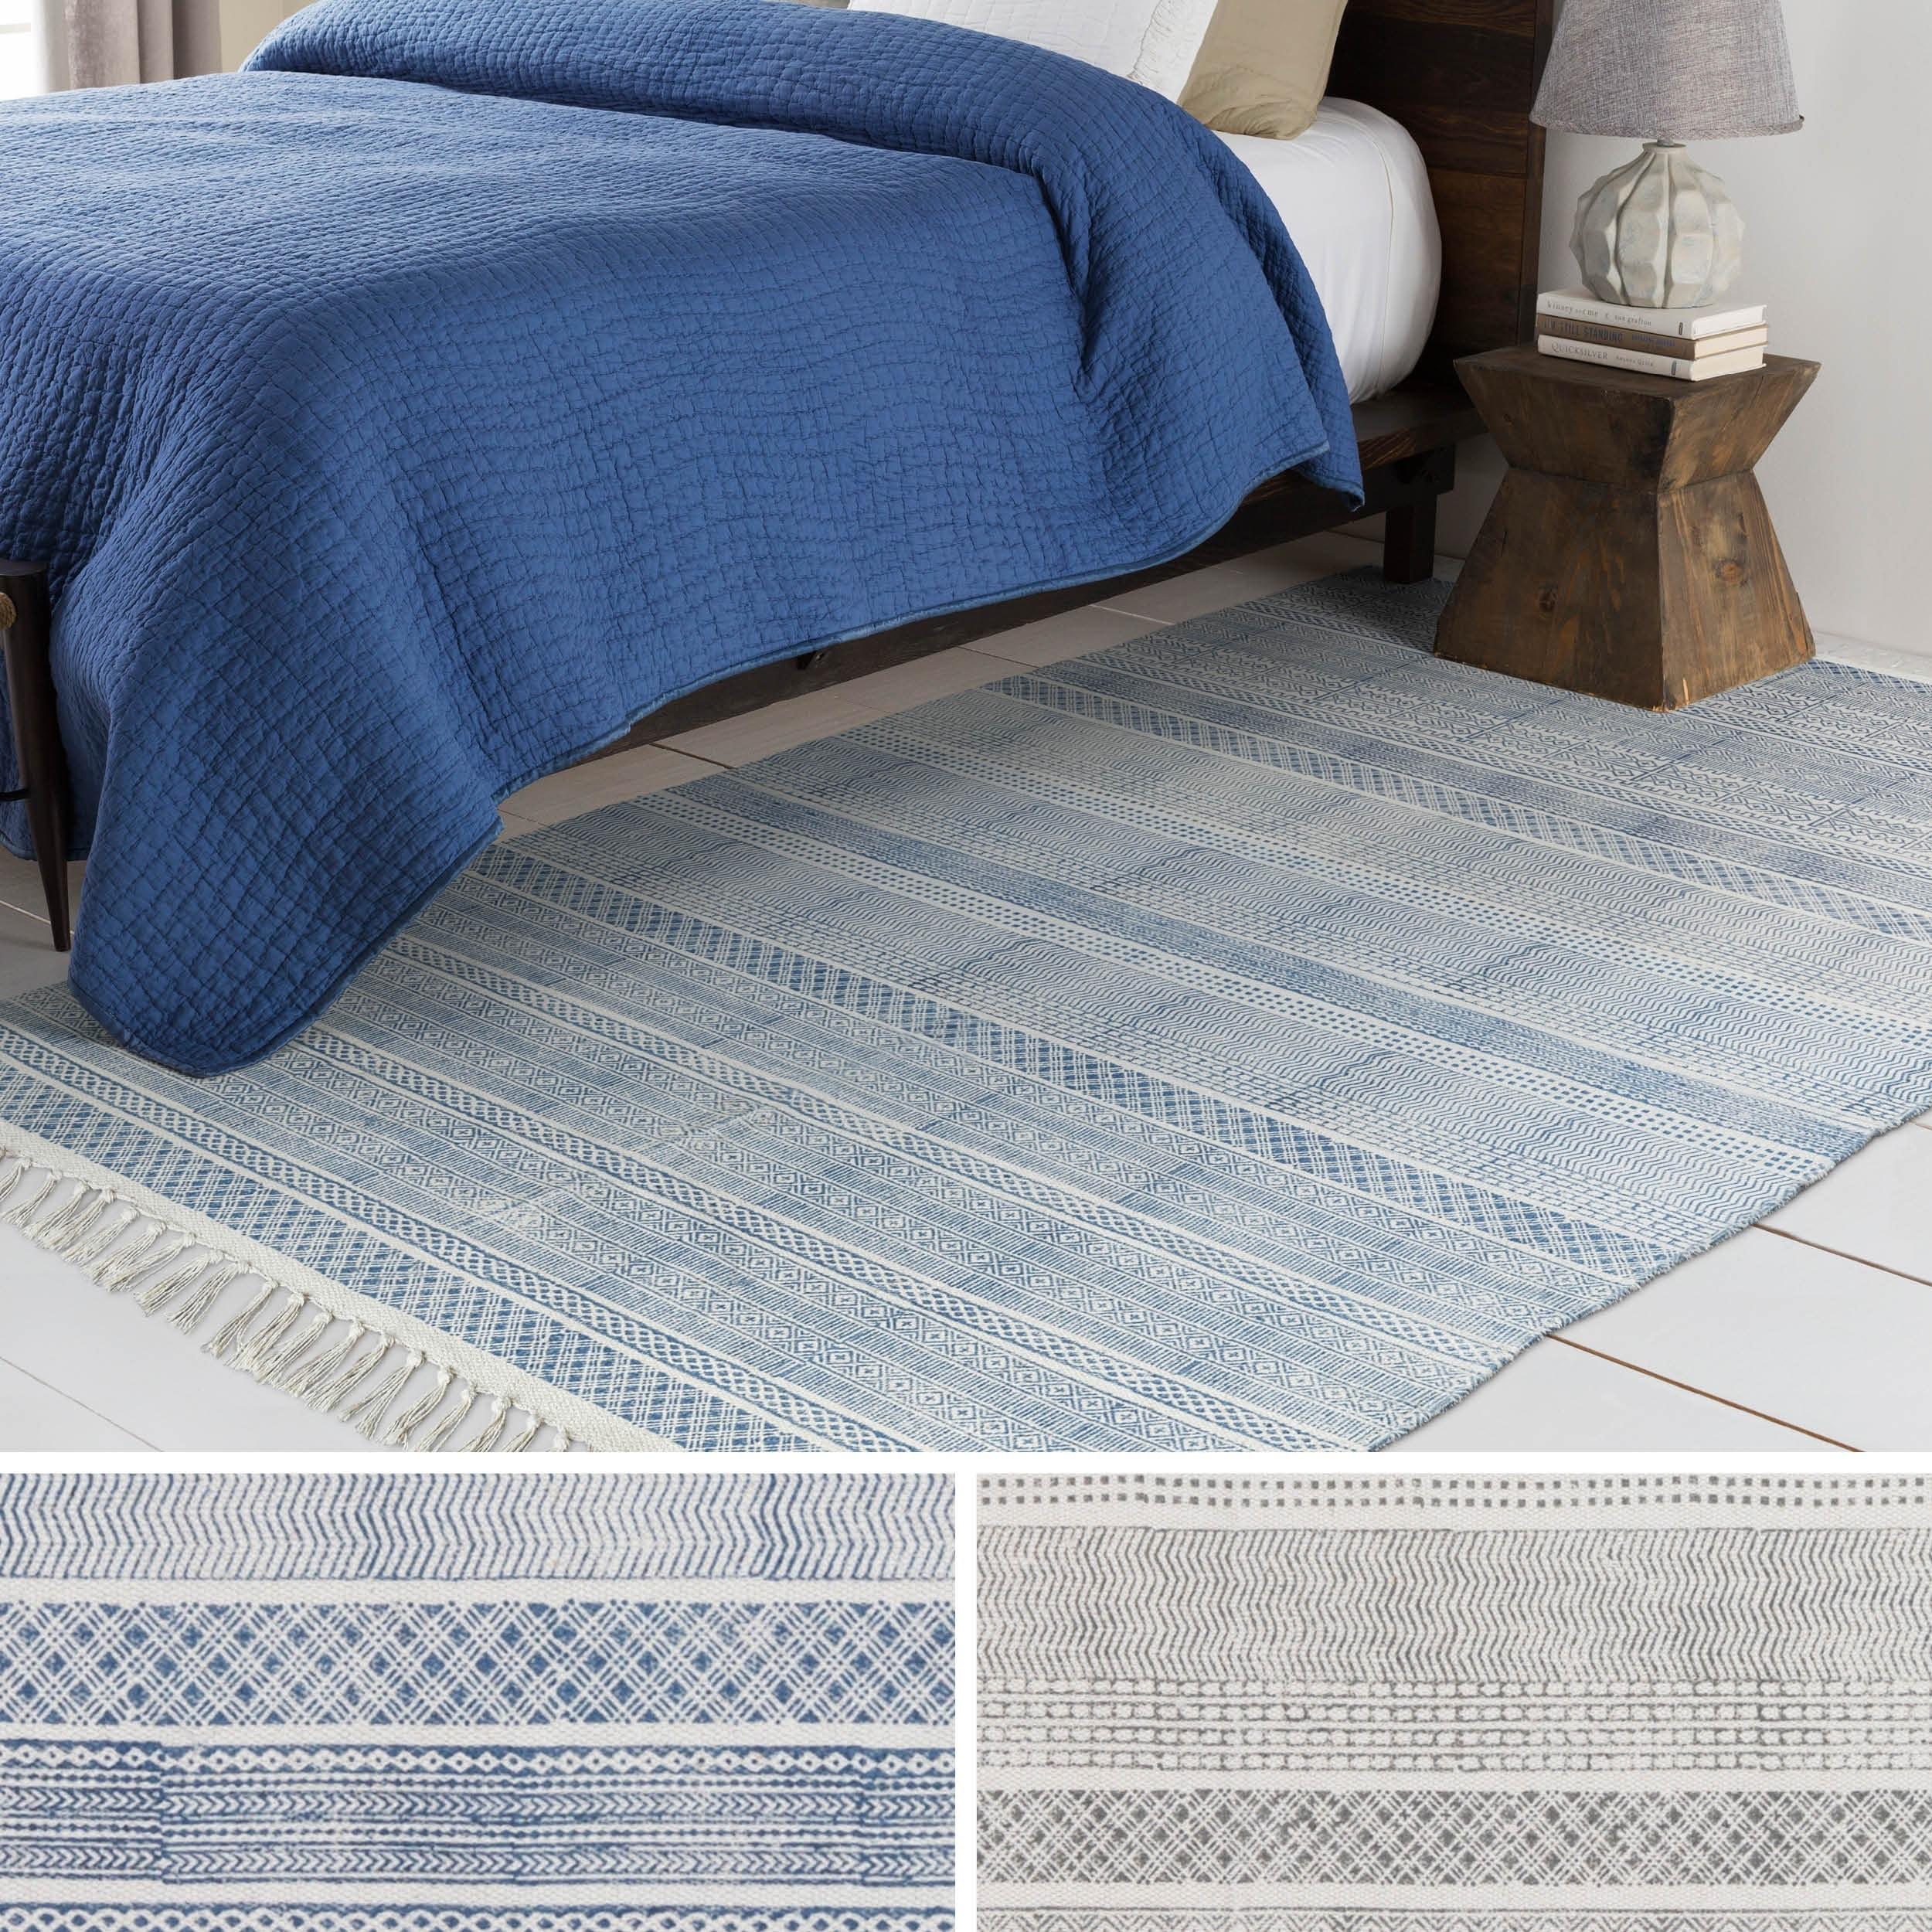 Hand-Woven Charleigh Cotton Area Rug (4' x 6')